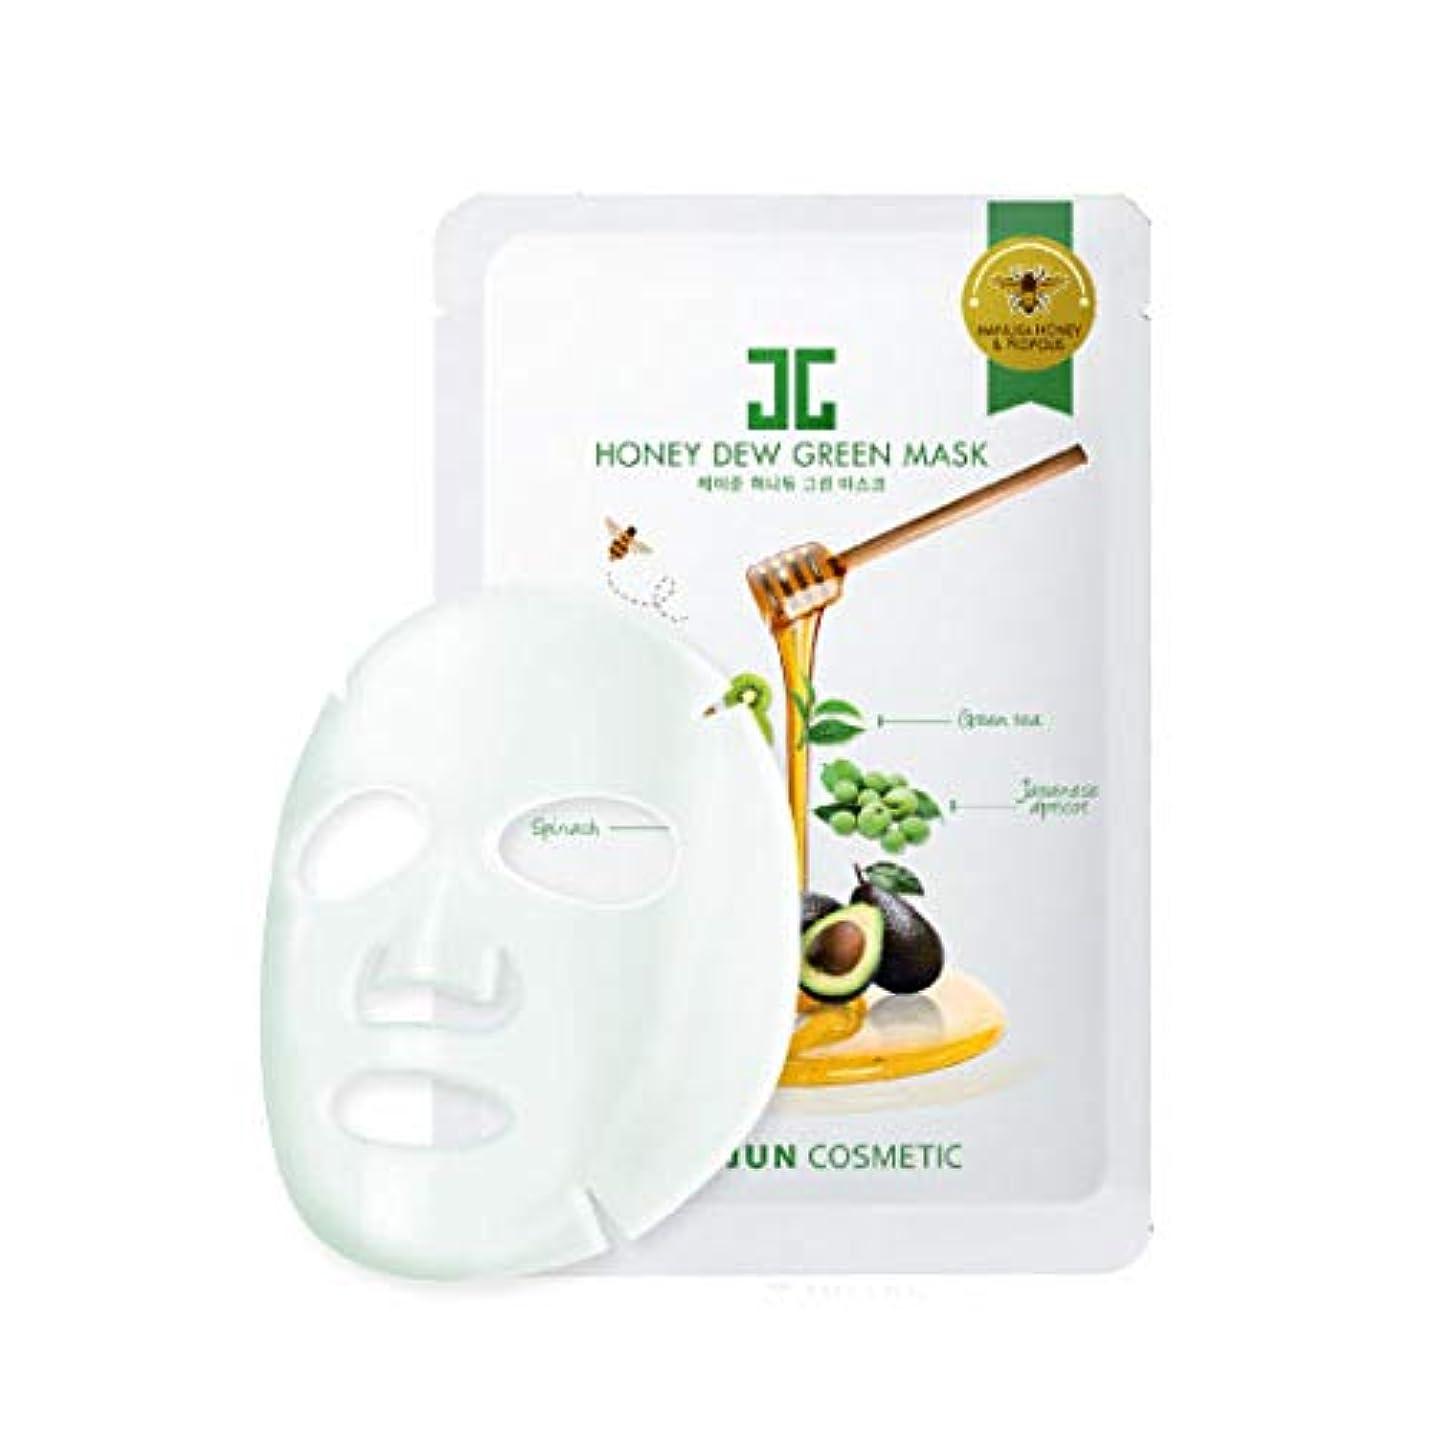 民兵日地獄Jayjun(ジェイジュン) ハニーデュークリーンマスクシート5枚セット